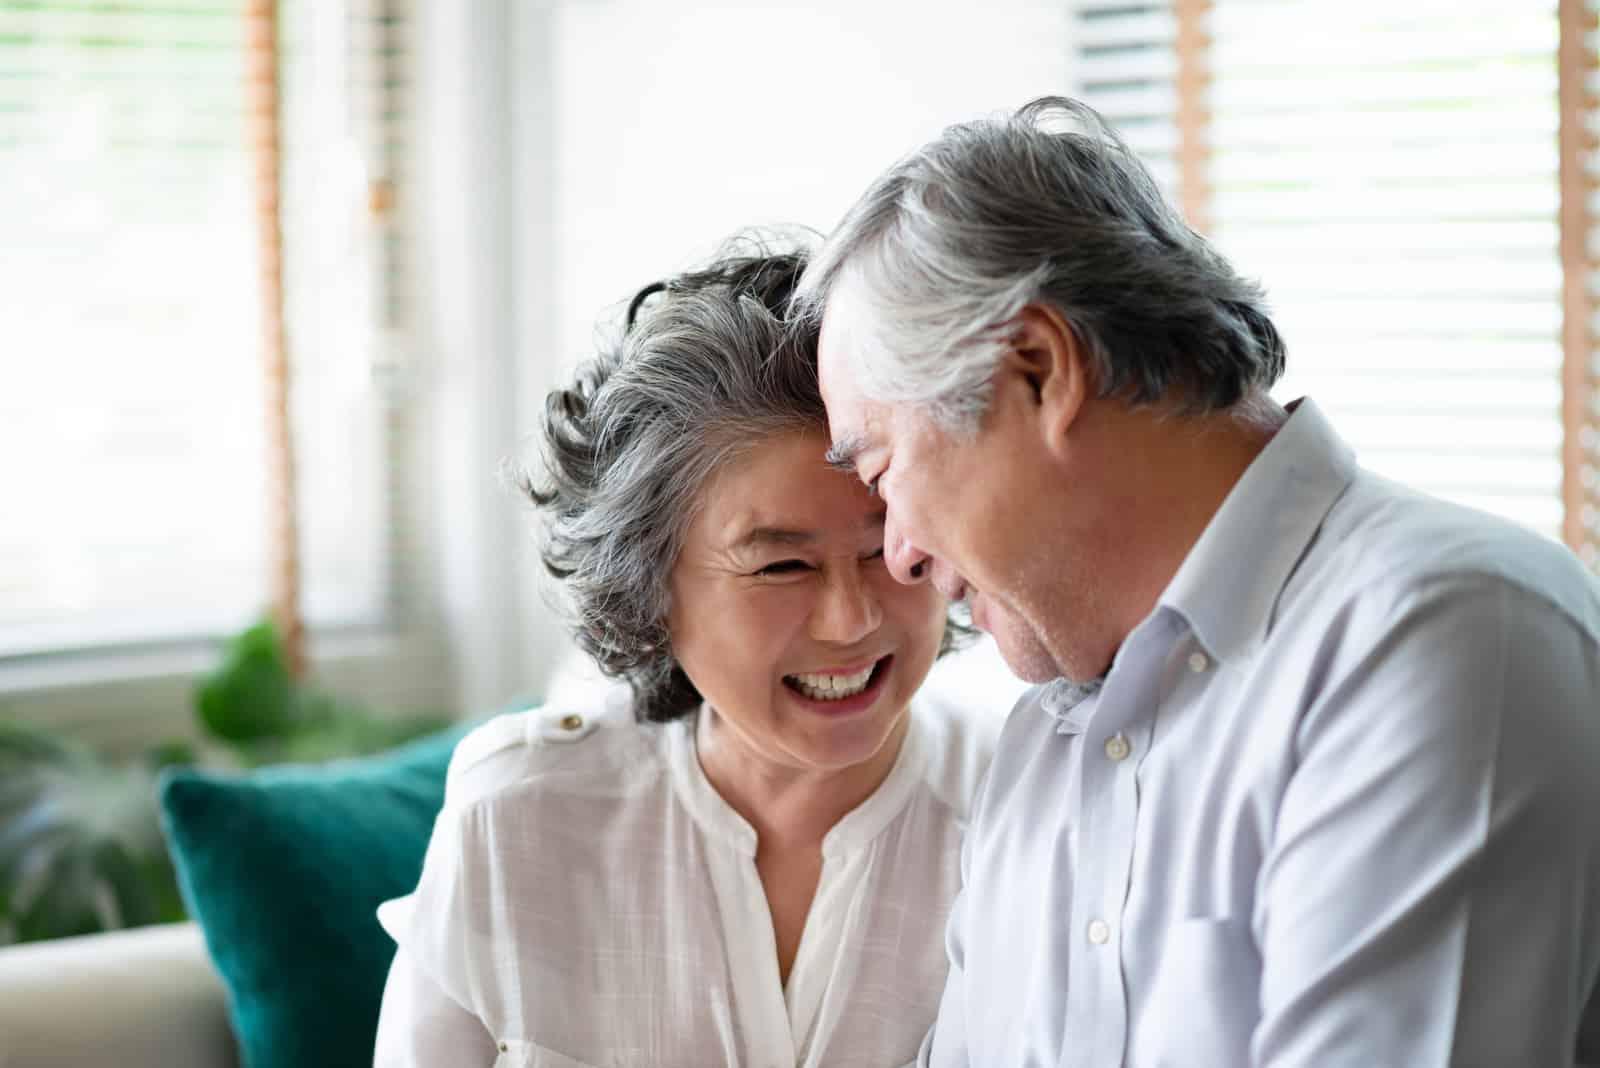 ein älteres asiatisches Paar umarmt sich